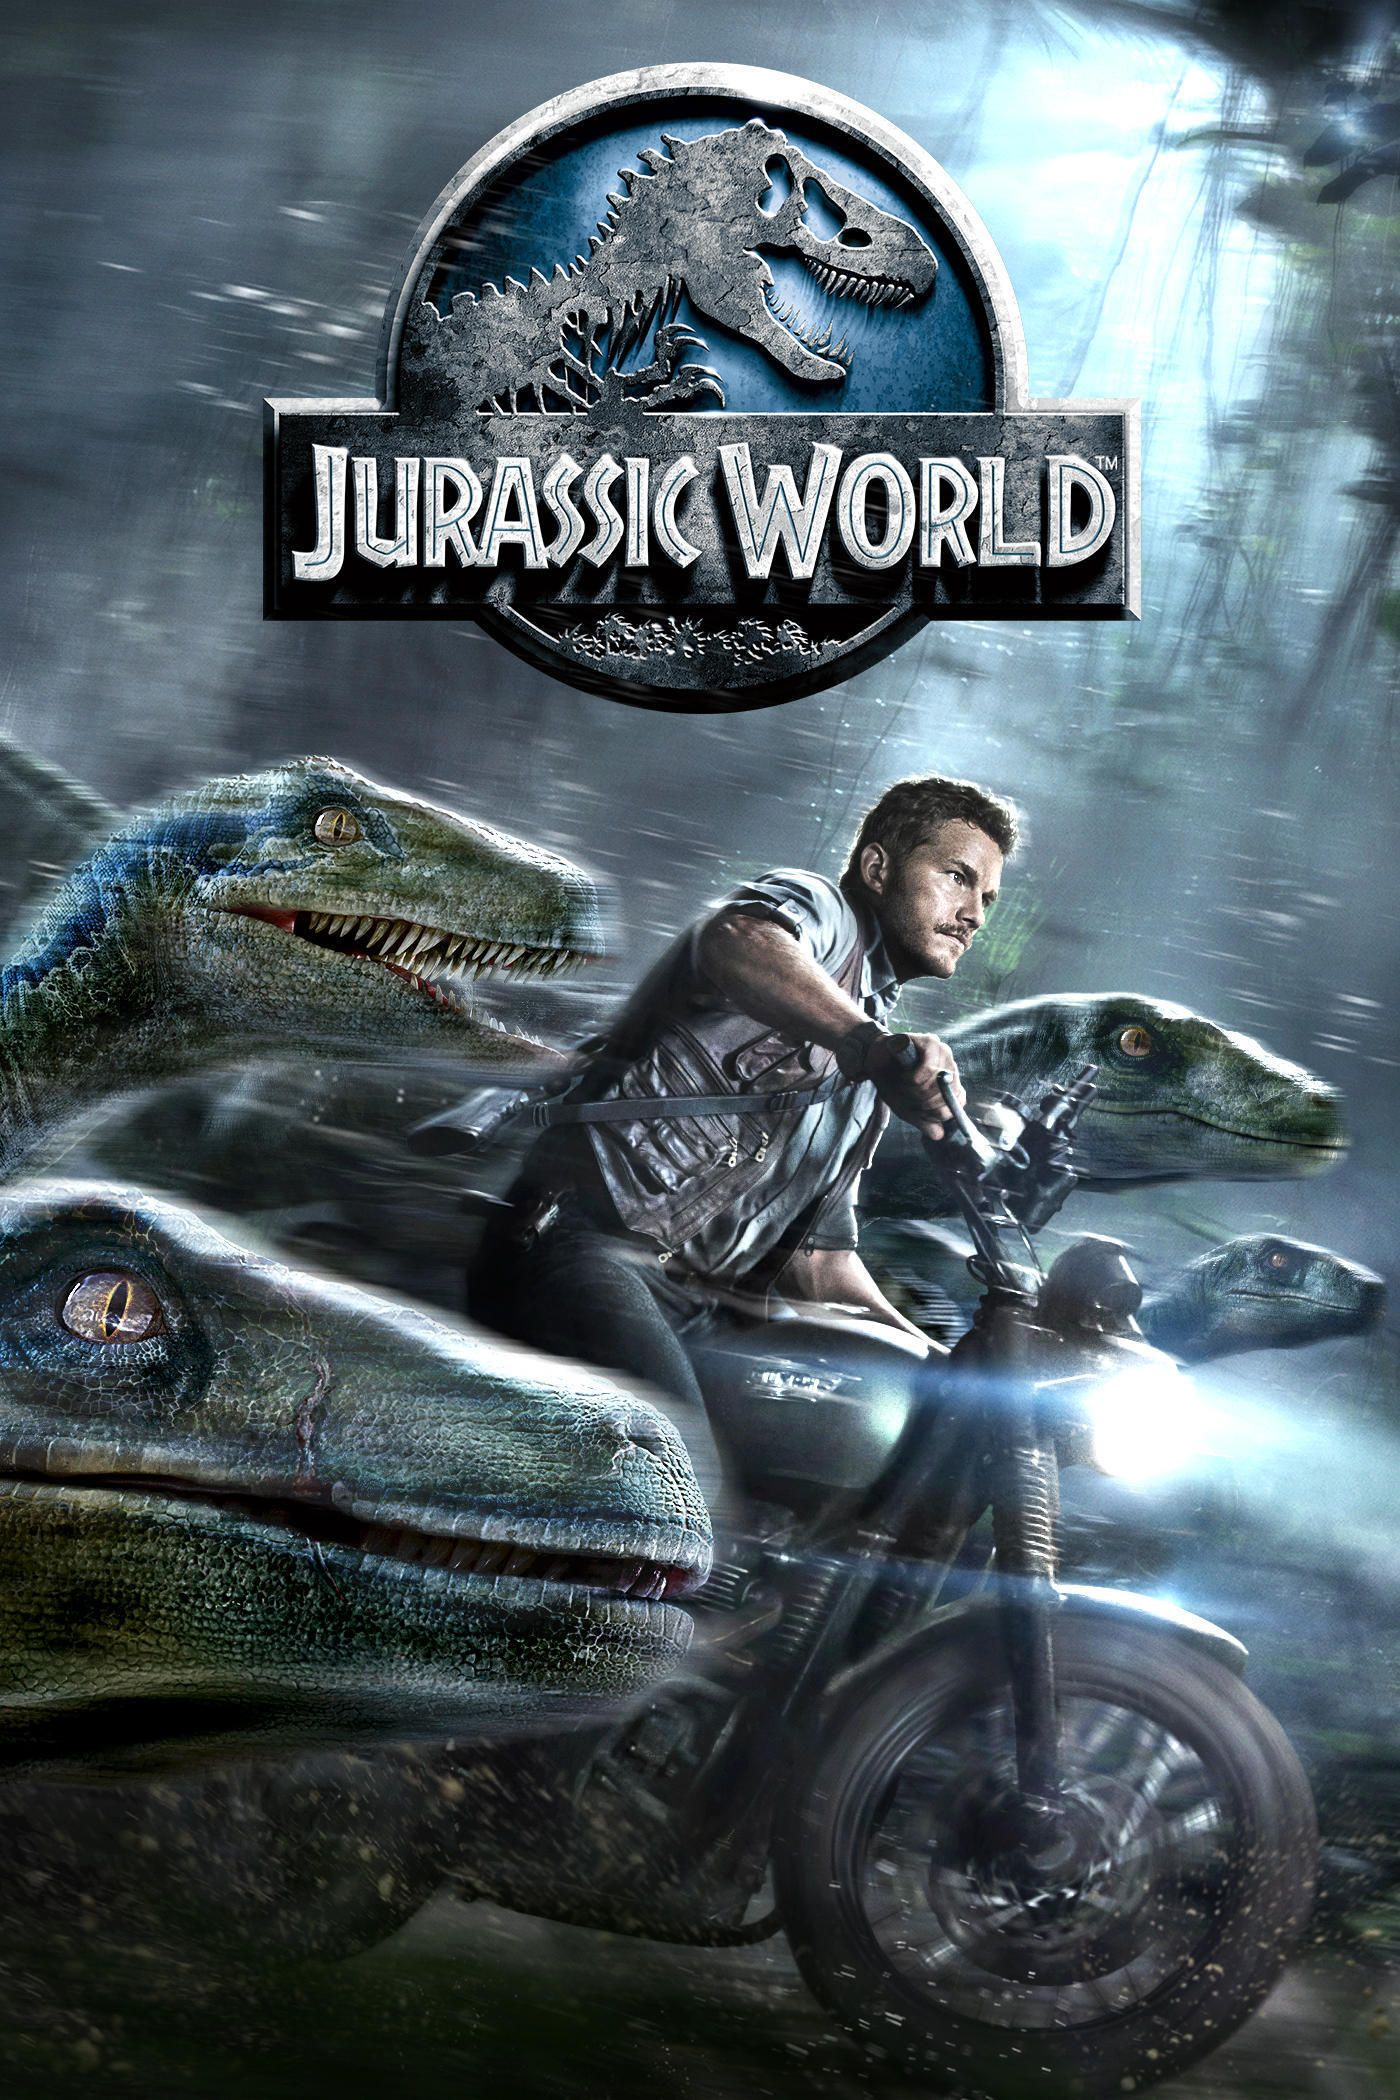 Jurassic World Film Complet En Streaming Vf Film Complet Streaming Vf Film Streaming Vk Regarder Fi Jurassic World Films Complets Gratuits Films Complets